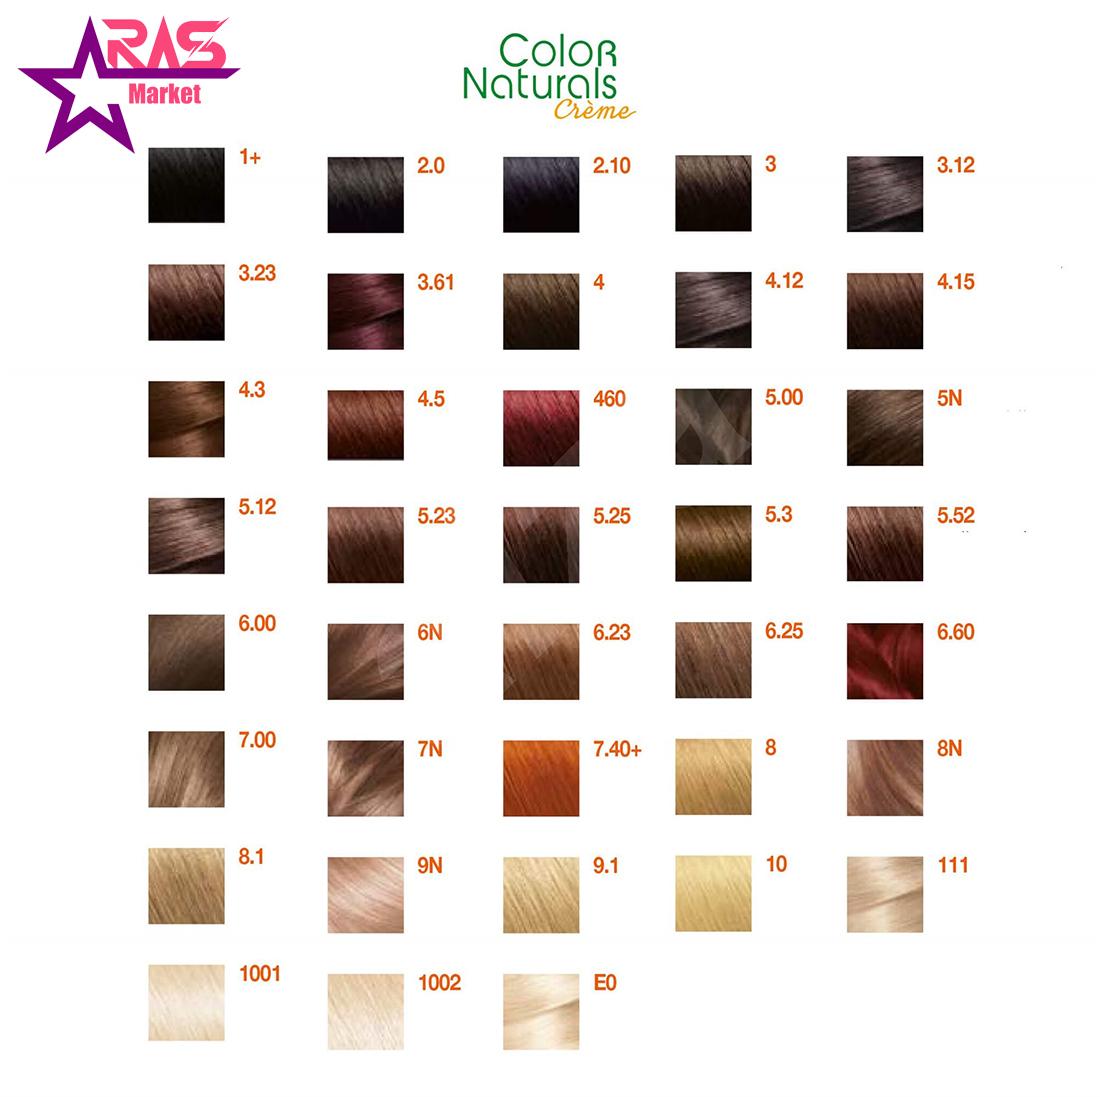 کیت رنگ مو گارنیر سری Color Naturals شماره 8N ، فروشگاه اینترنتی ارس مارکت ، رنگ موی زنانه گارنیر